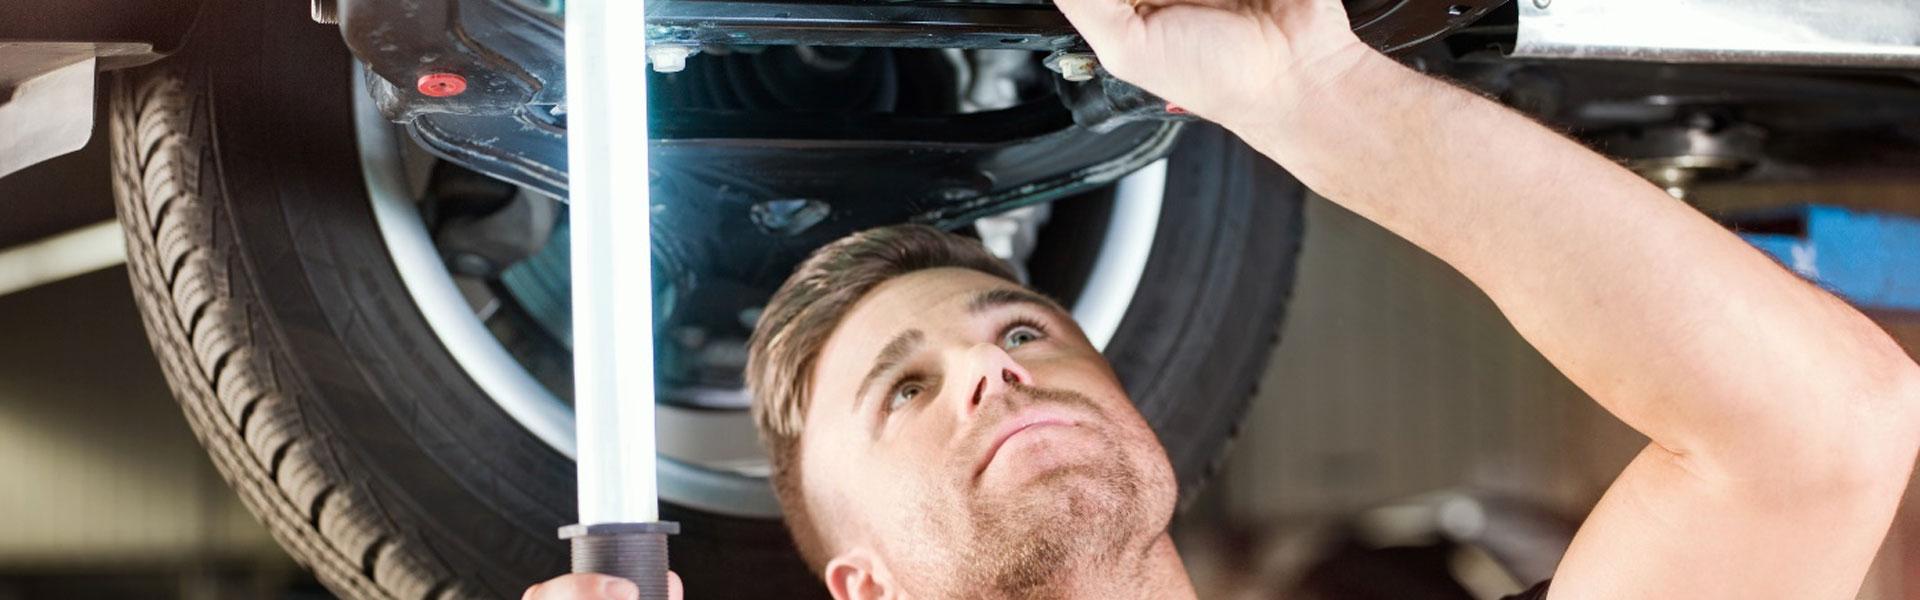 Mercedes-Benz-Brinkmann-Transporter-ServiceCare-für-Neufahrzeugkunden-Header